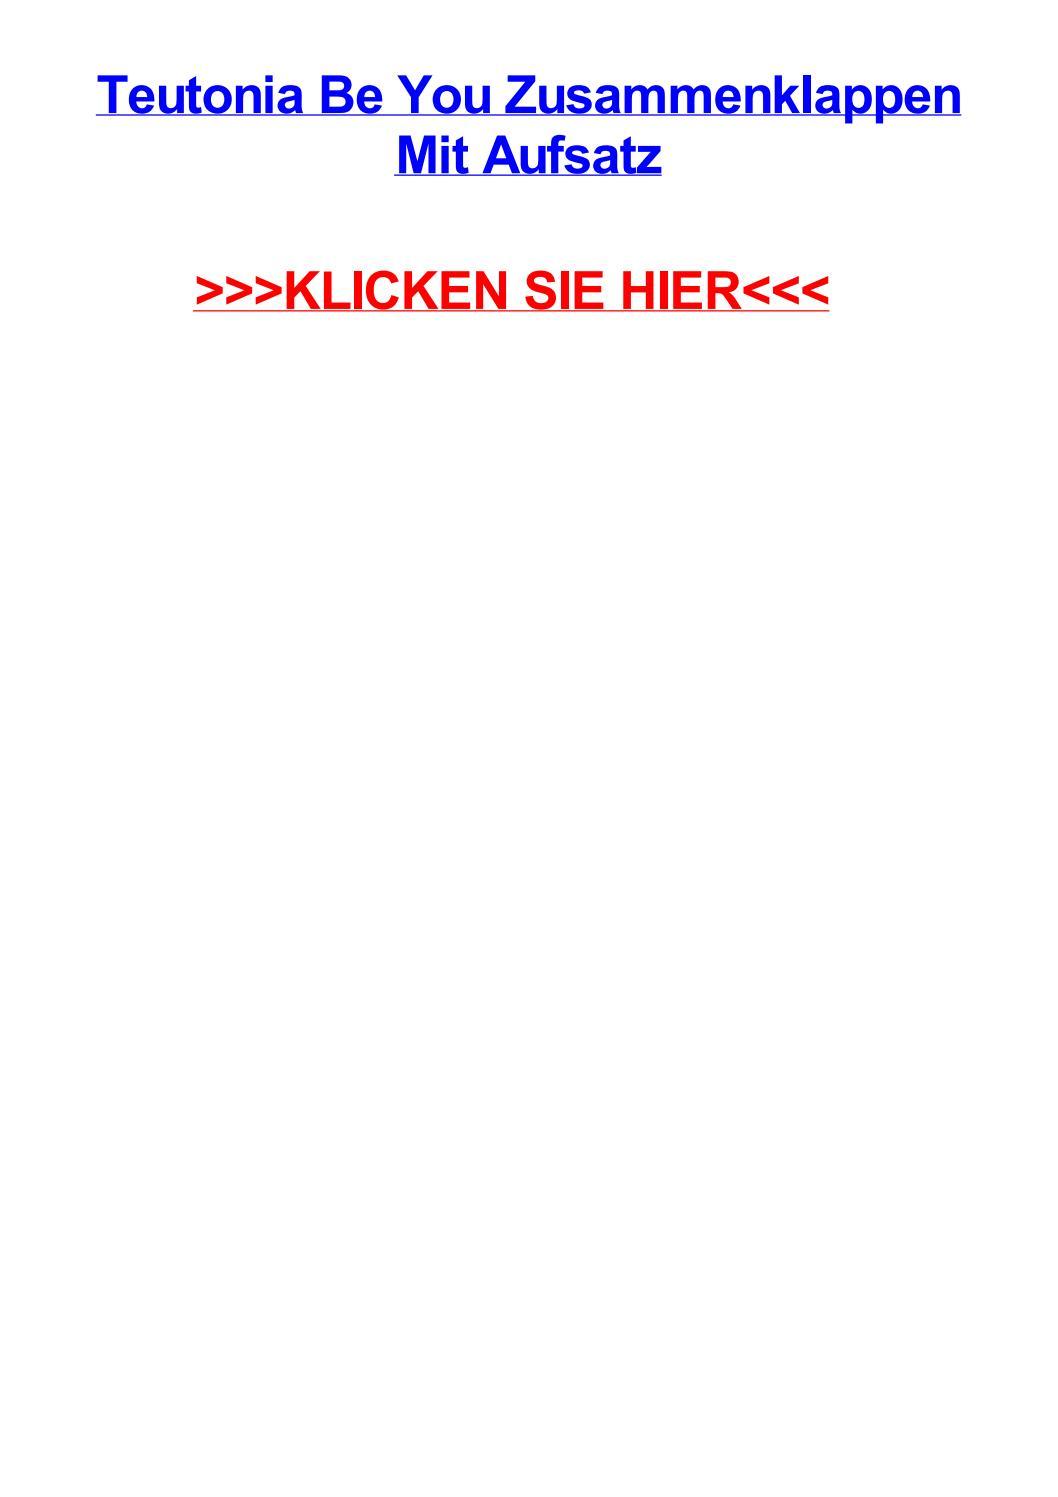 Teutonia be you zusammenklappen mit aufsatz by angelamdeoh - issuu